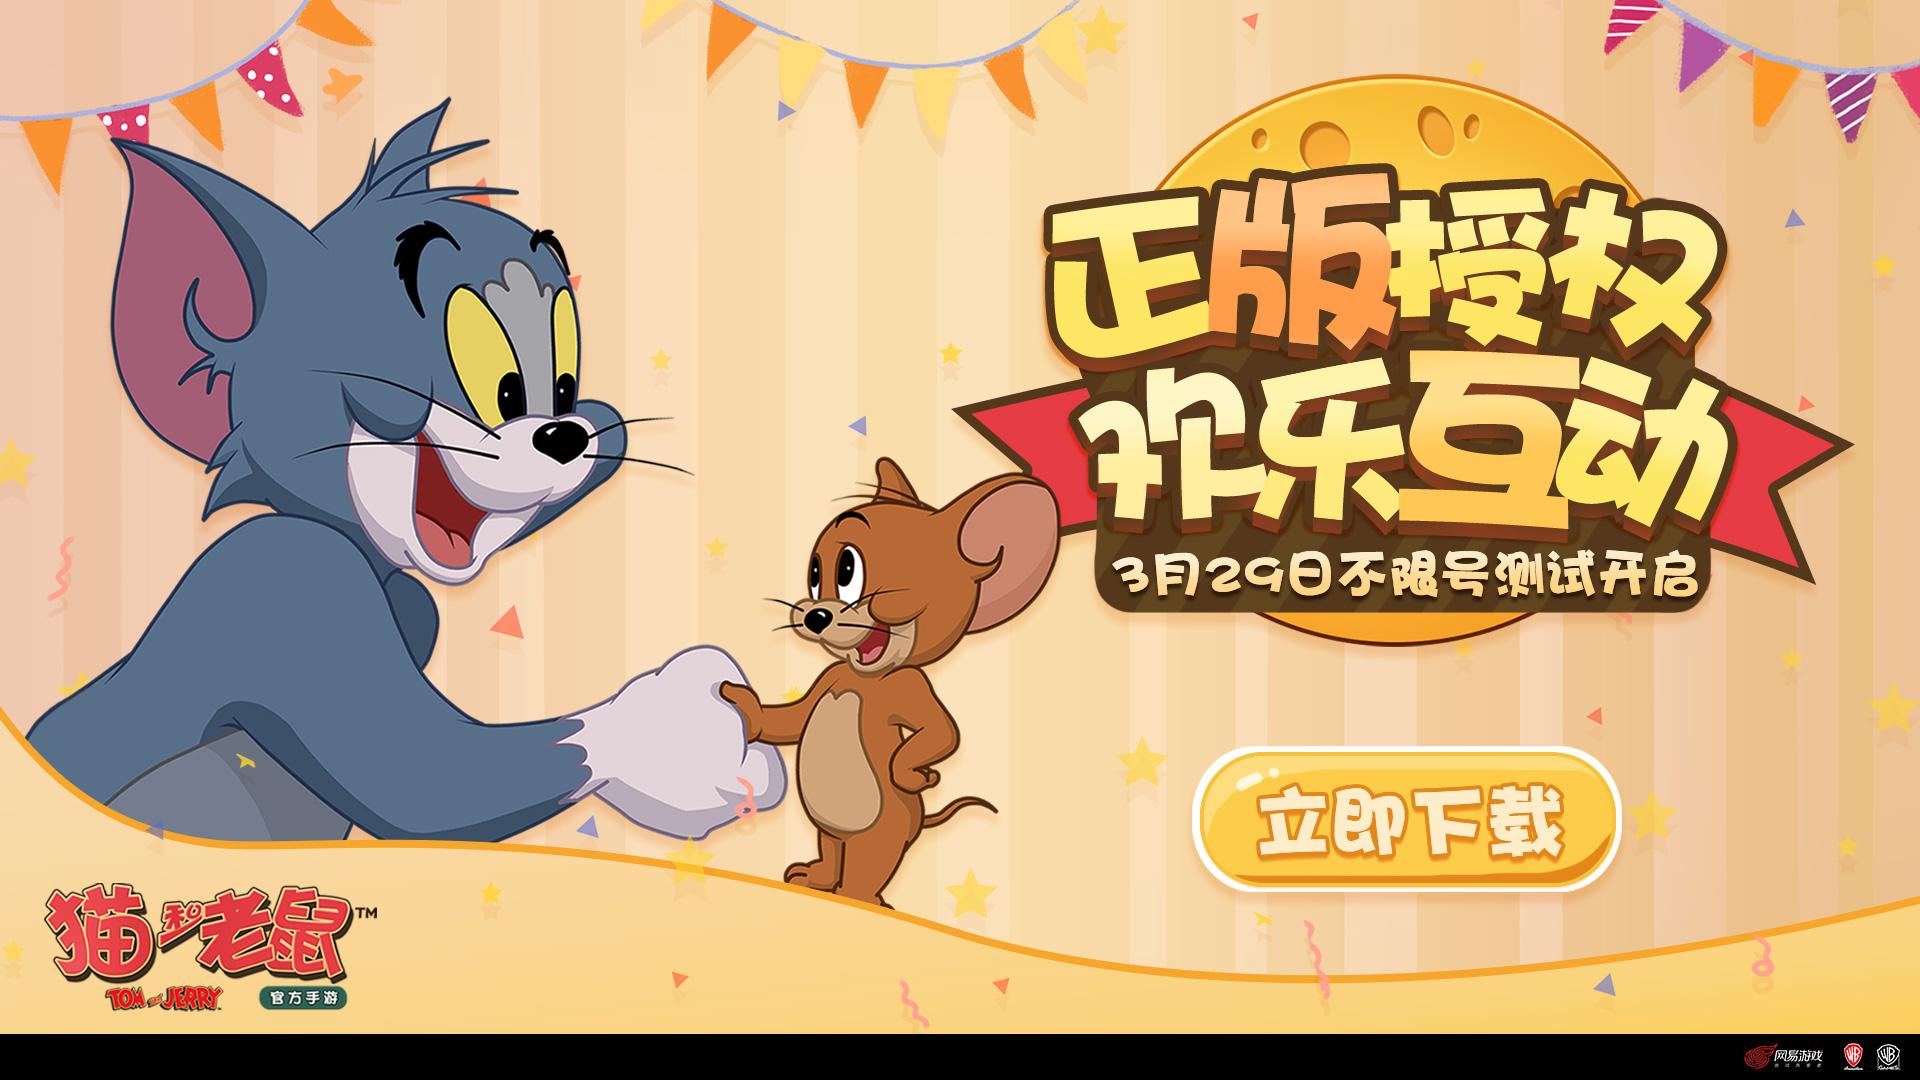 《猫和老鼠》夏日游轮狂欢已开启测试